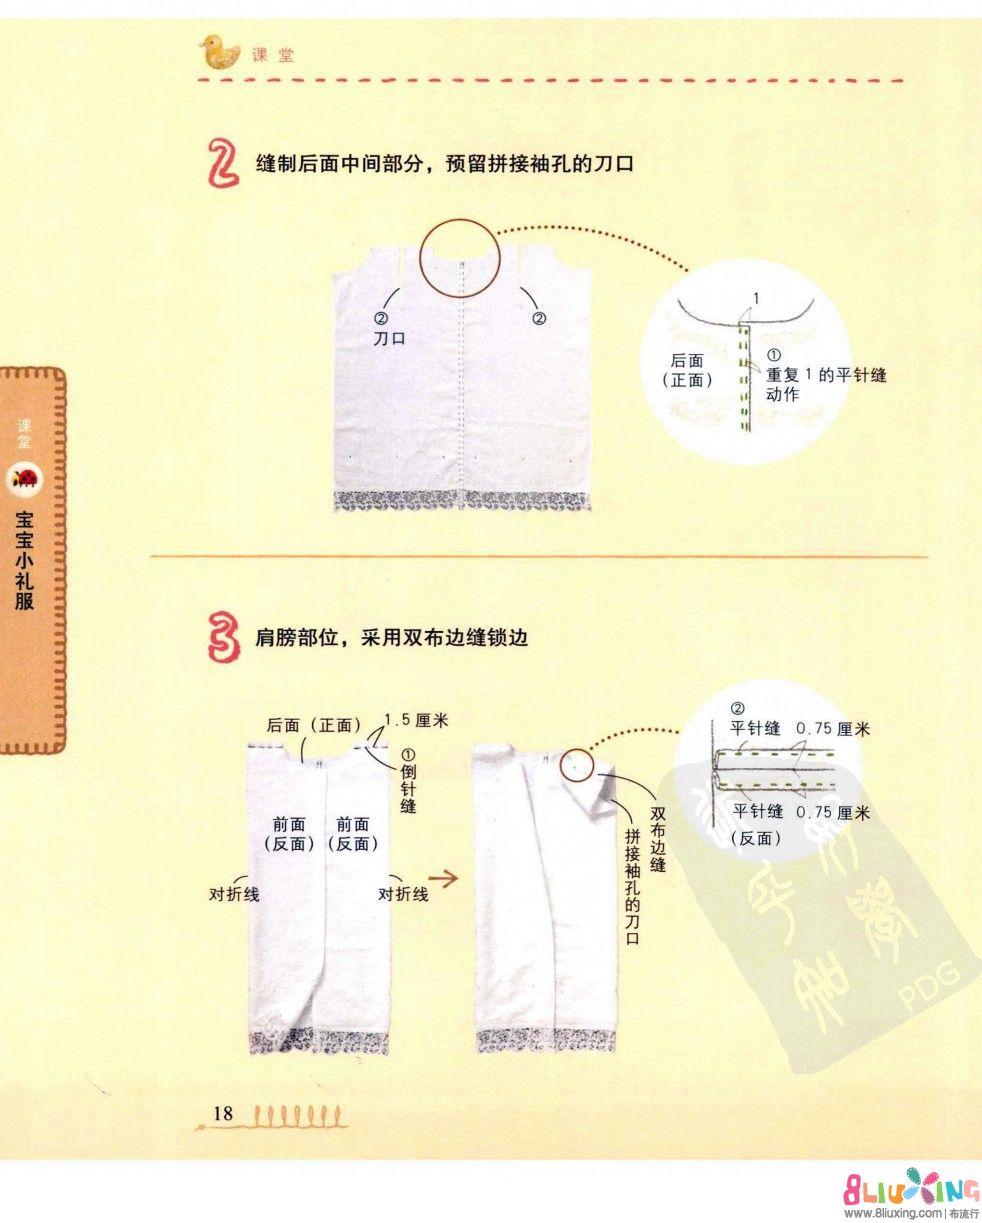 两条洗脸毛巾v毛巾电气宝宝服-图纸下载专区帝奥小礼图纸电梯图片